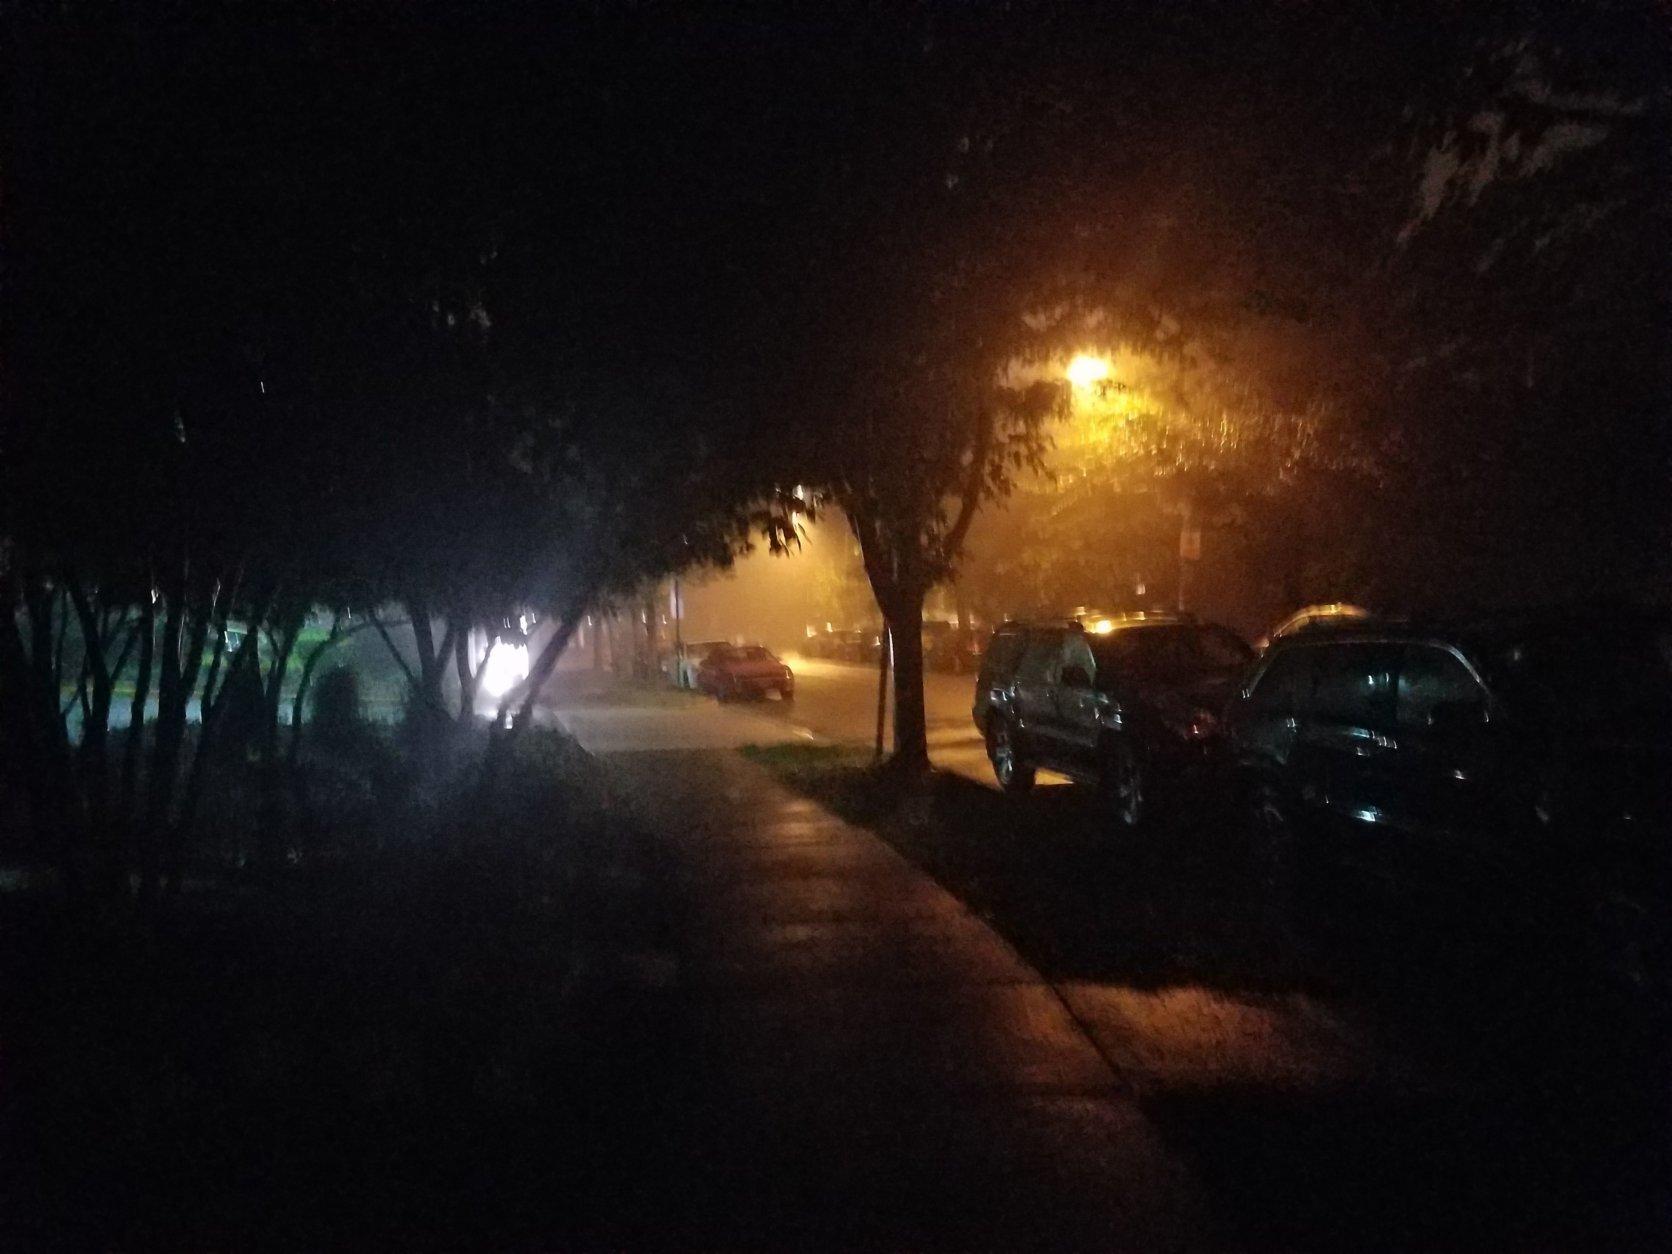 Fog hit the D.C. area Thursday morning. (WTOP/Will Vitka)